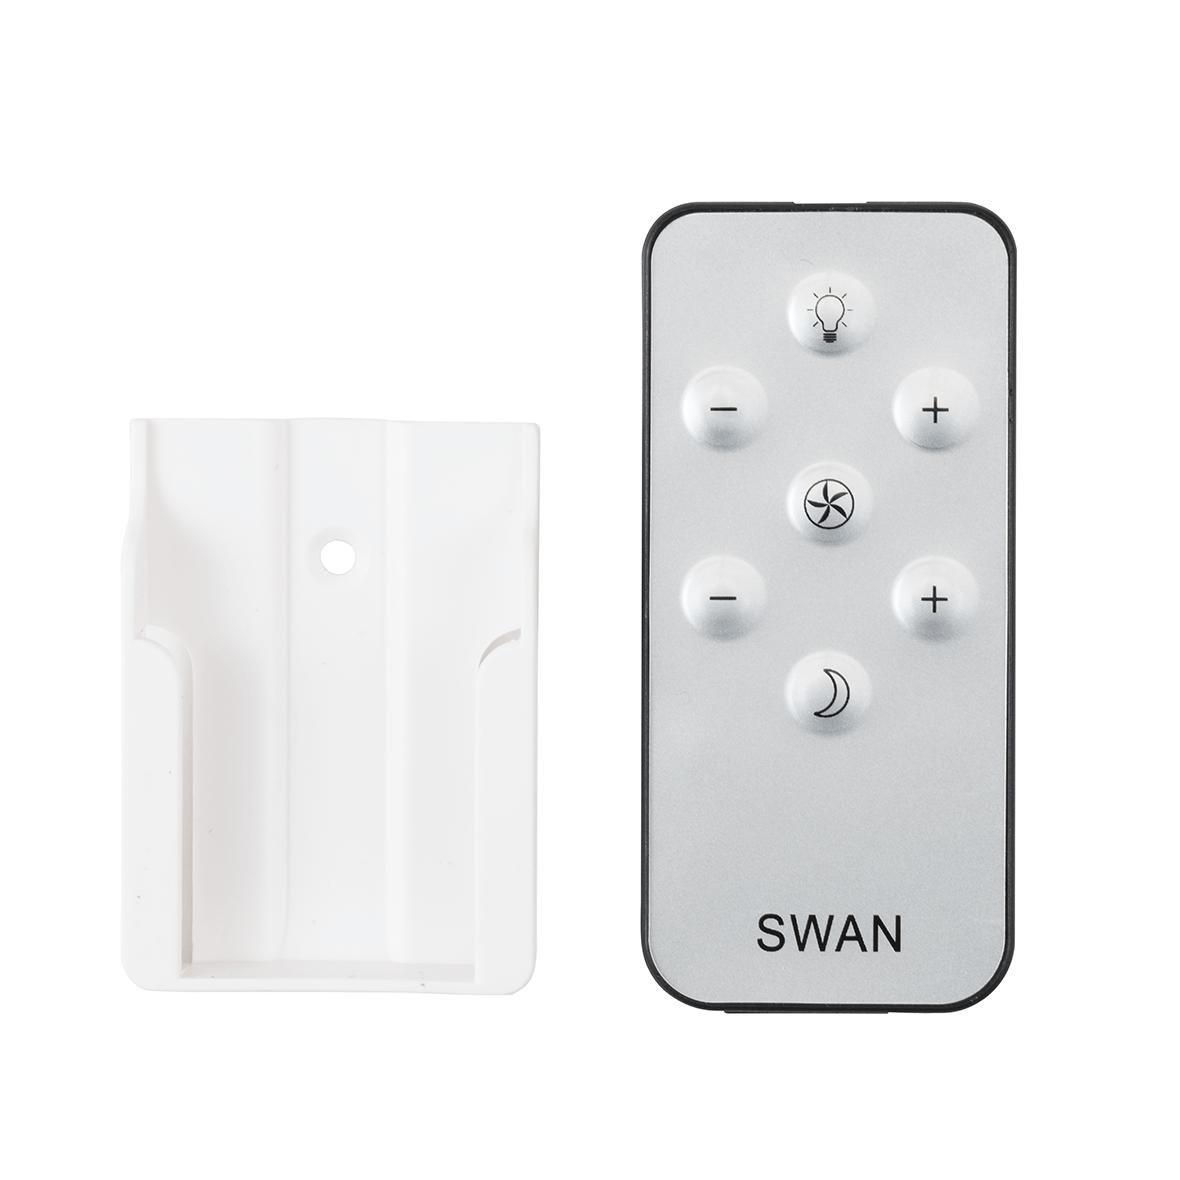 スワン電器 slimac LED小型シーリングライト FCE-222NA4